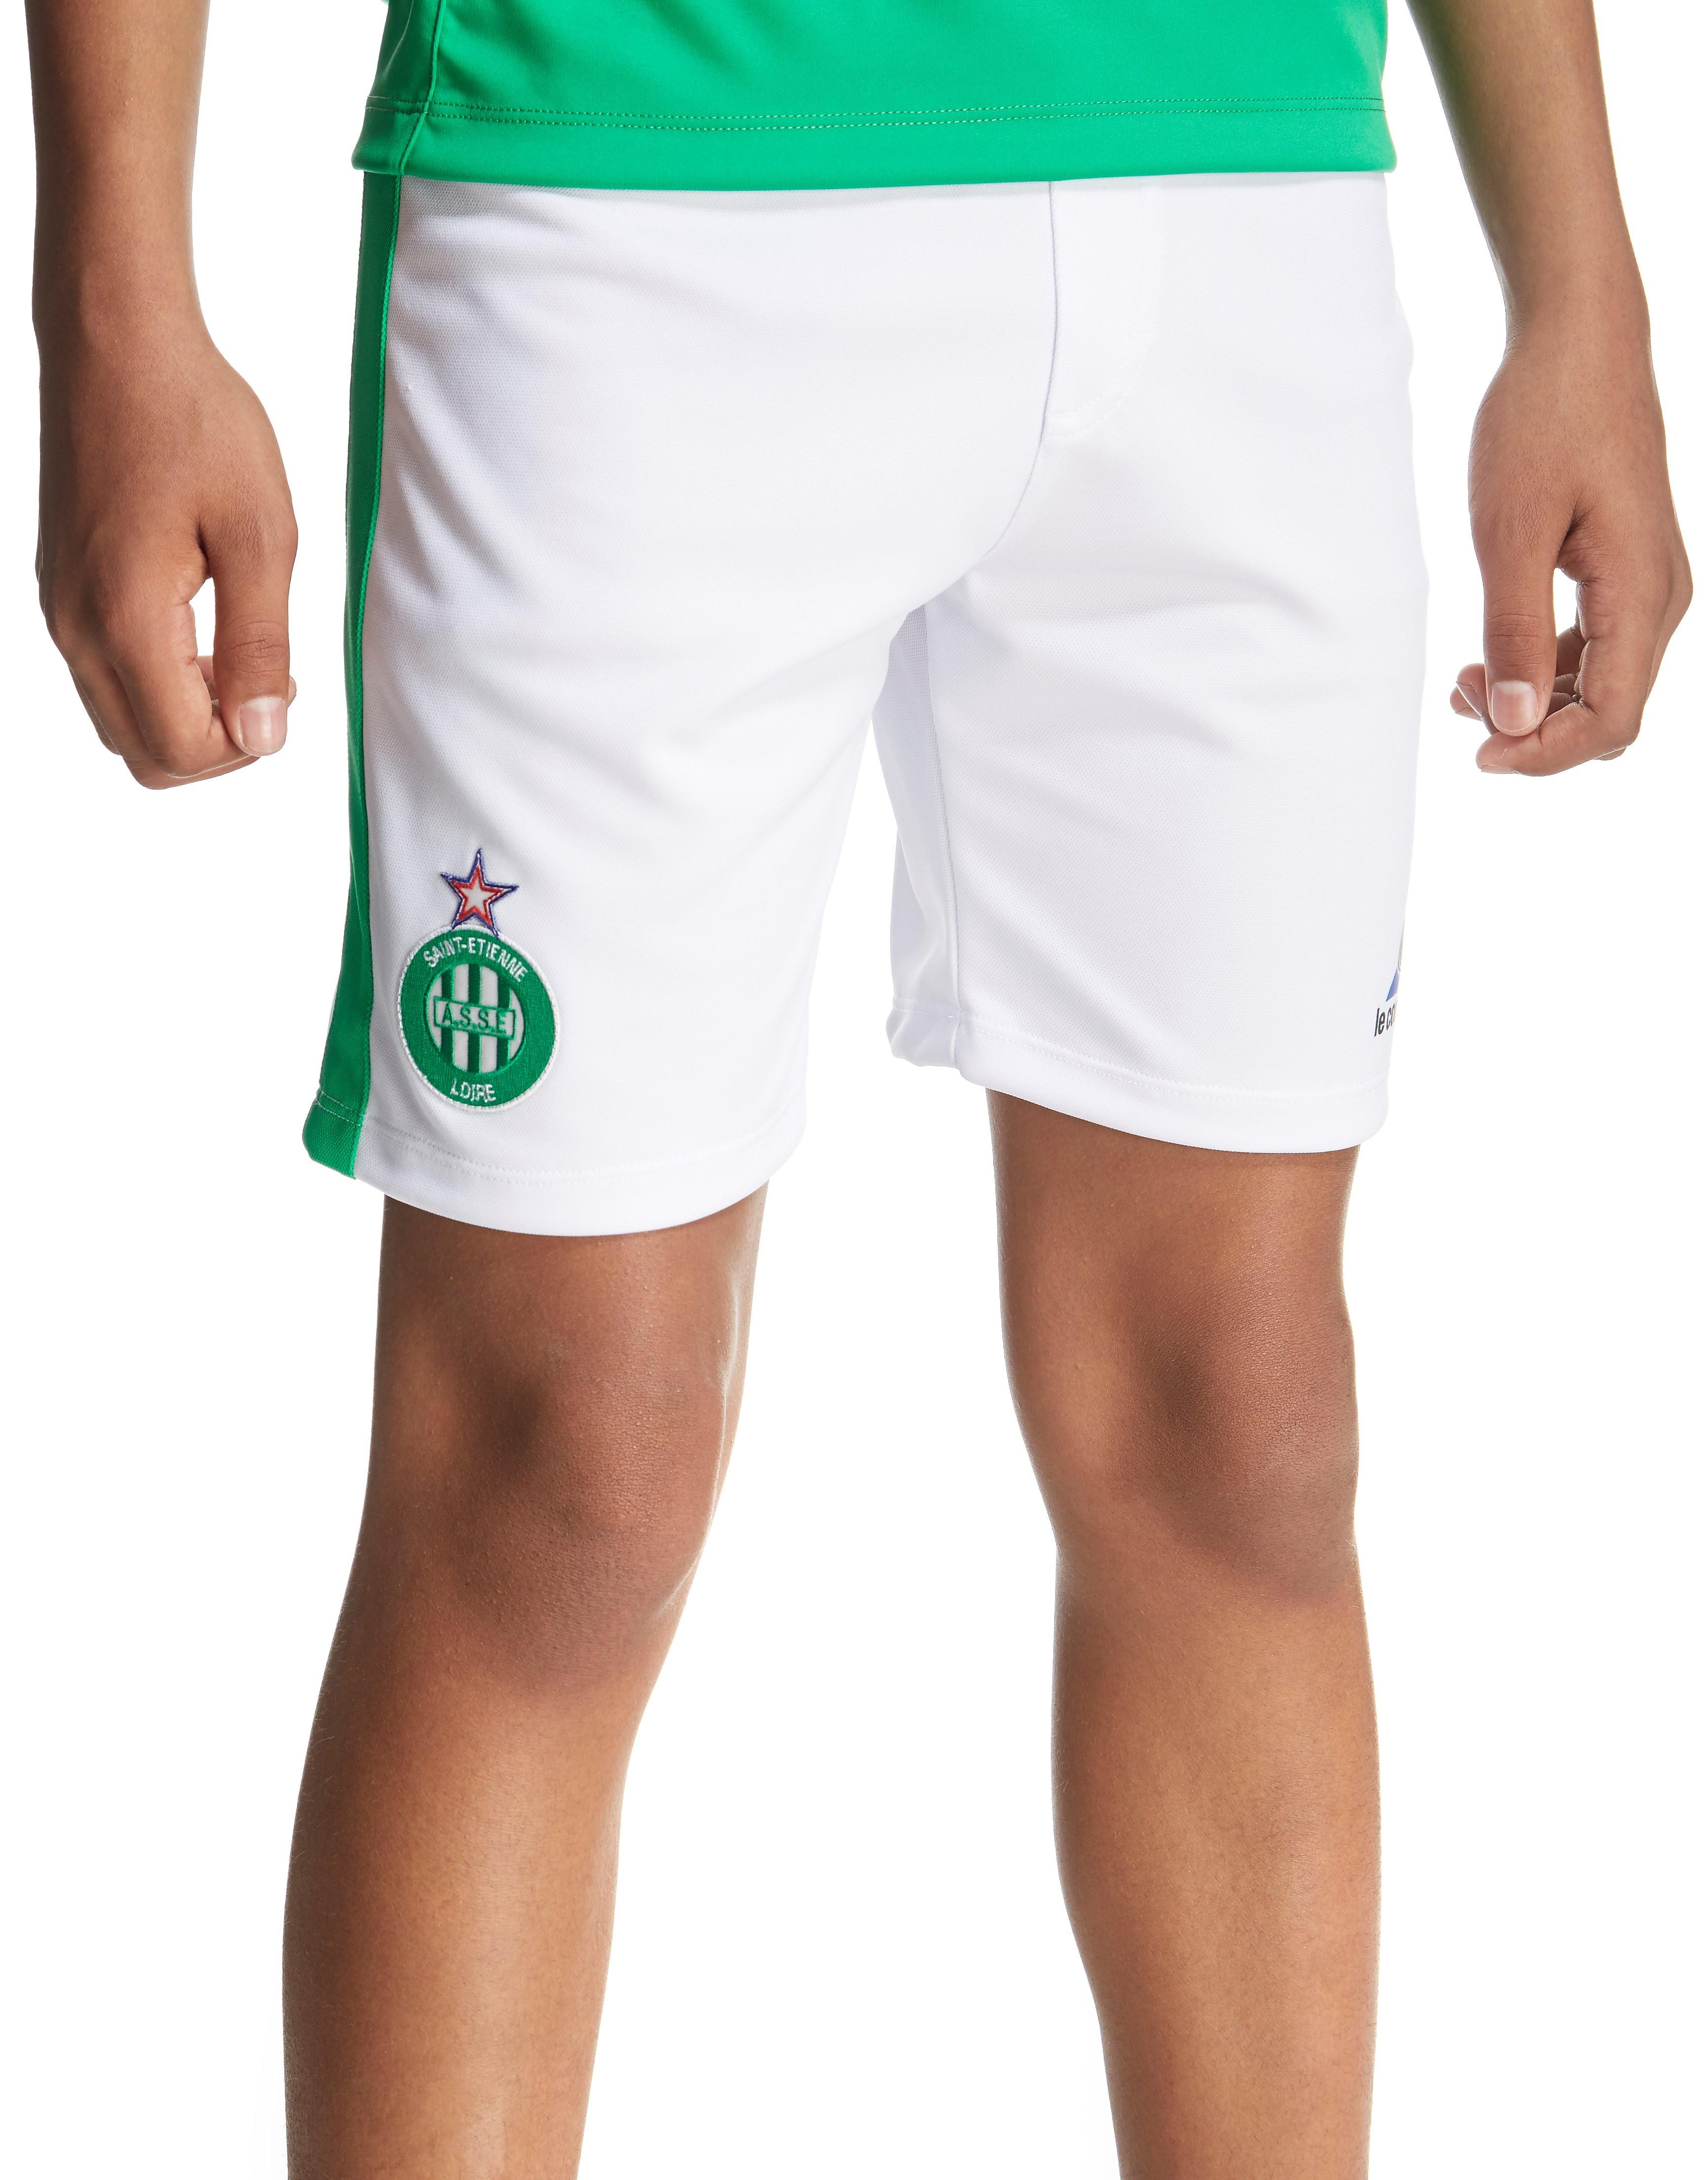 Le Coq Sportif AS Saint Etienne 2016/17 Home Shorts Junior